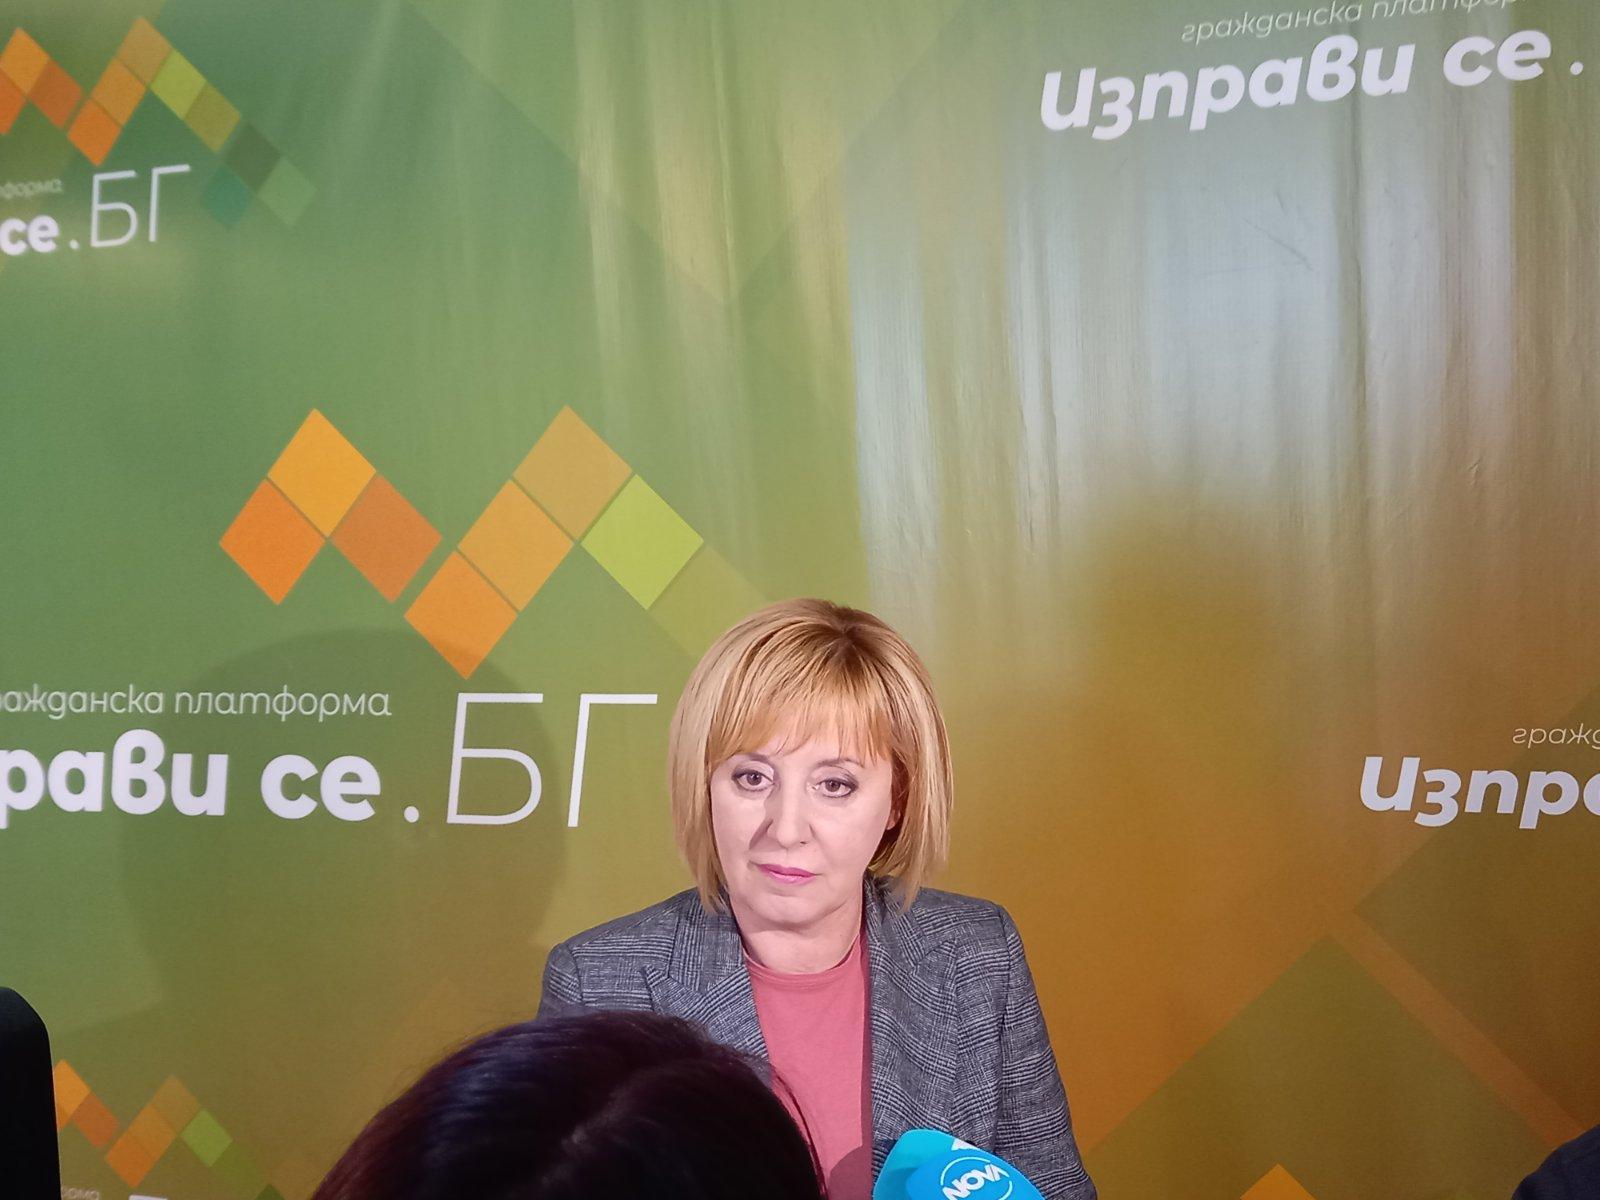 """Манолова: Всеки трети в листите на коалиция """"Изправи се БГ! Ние идваме!"""" е юрист"""